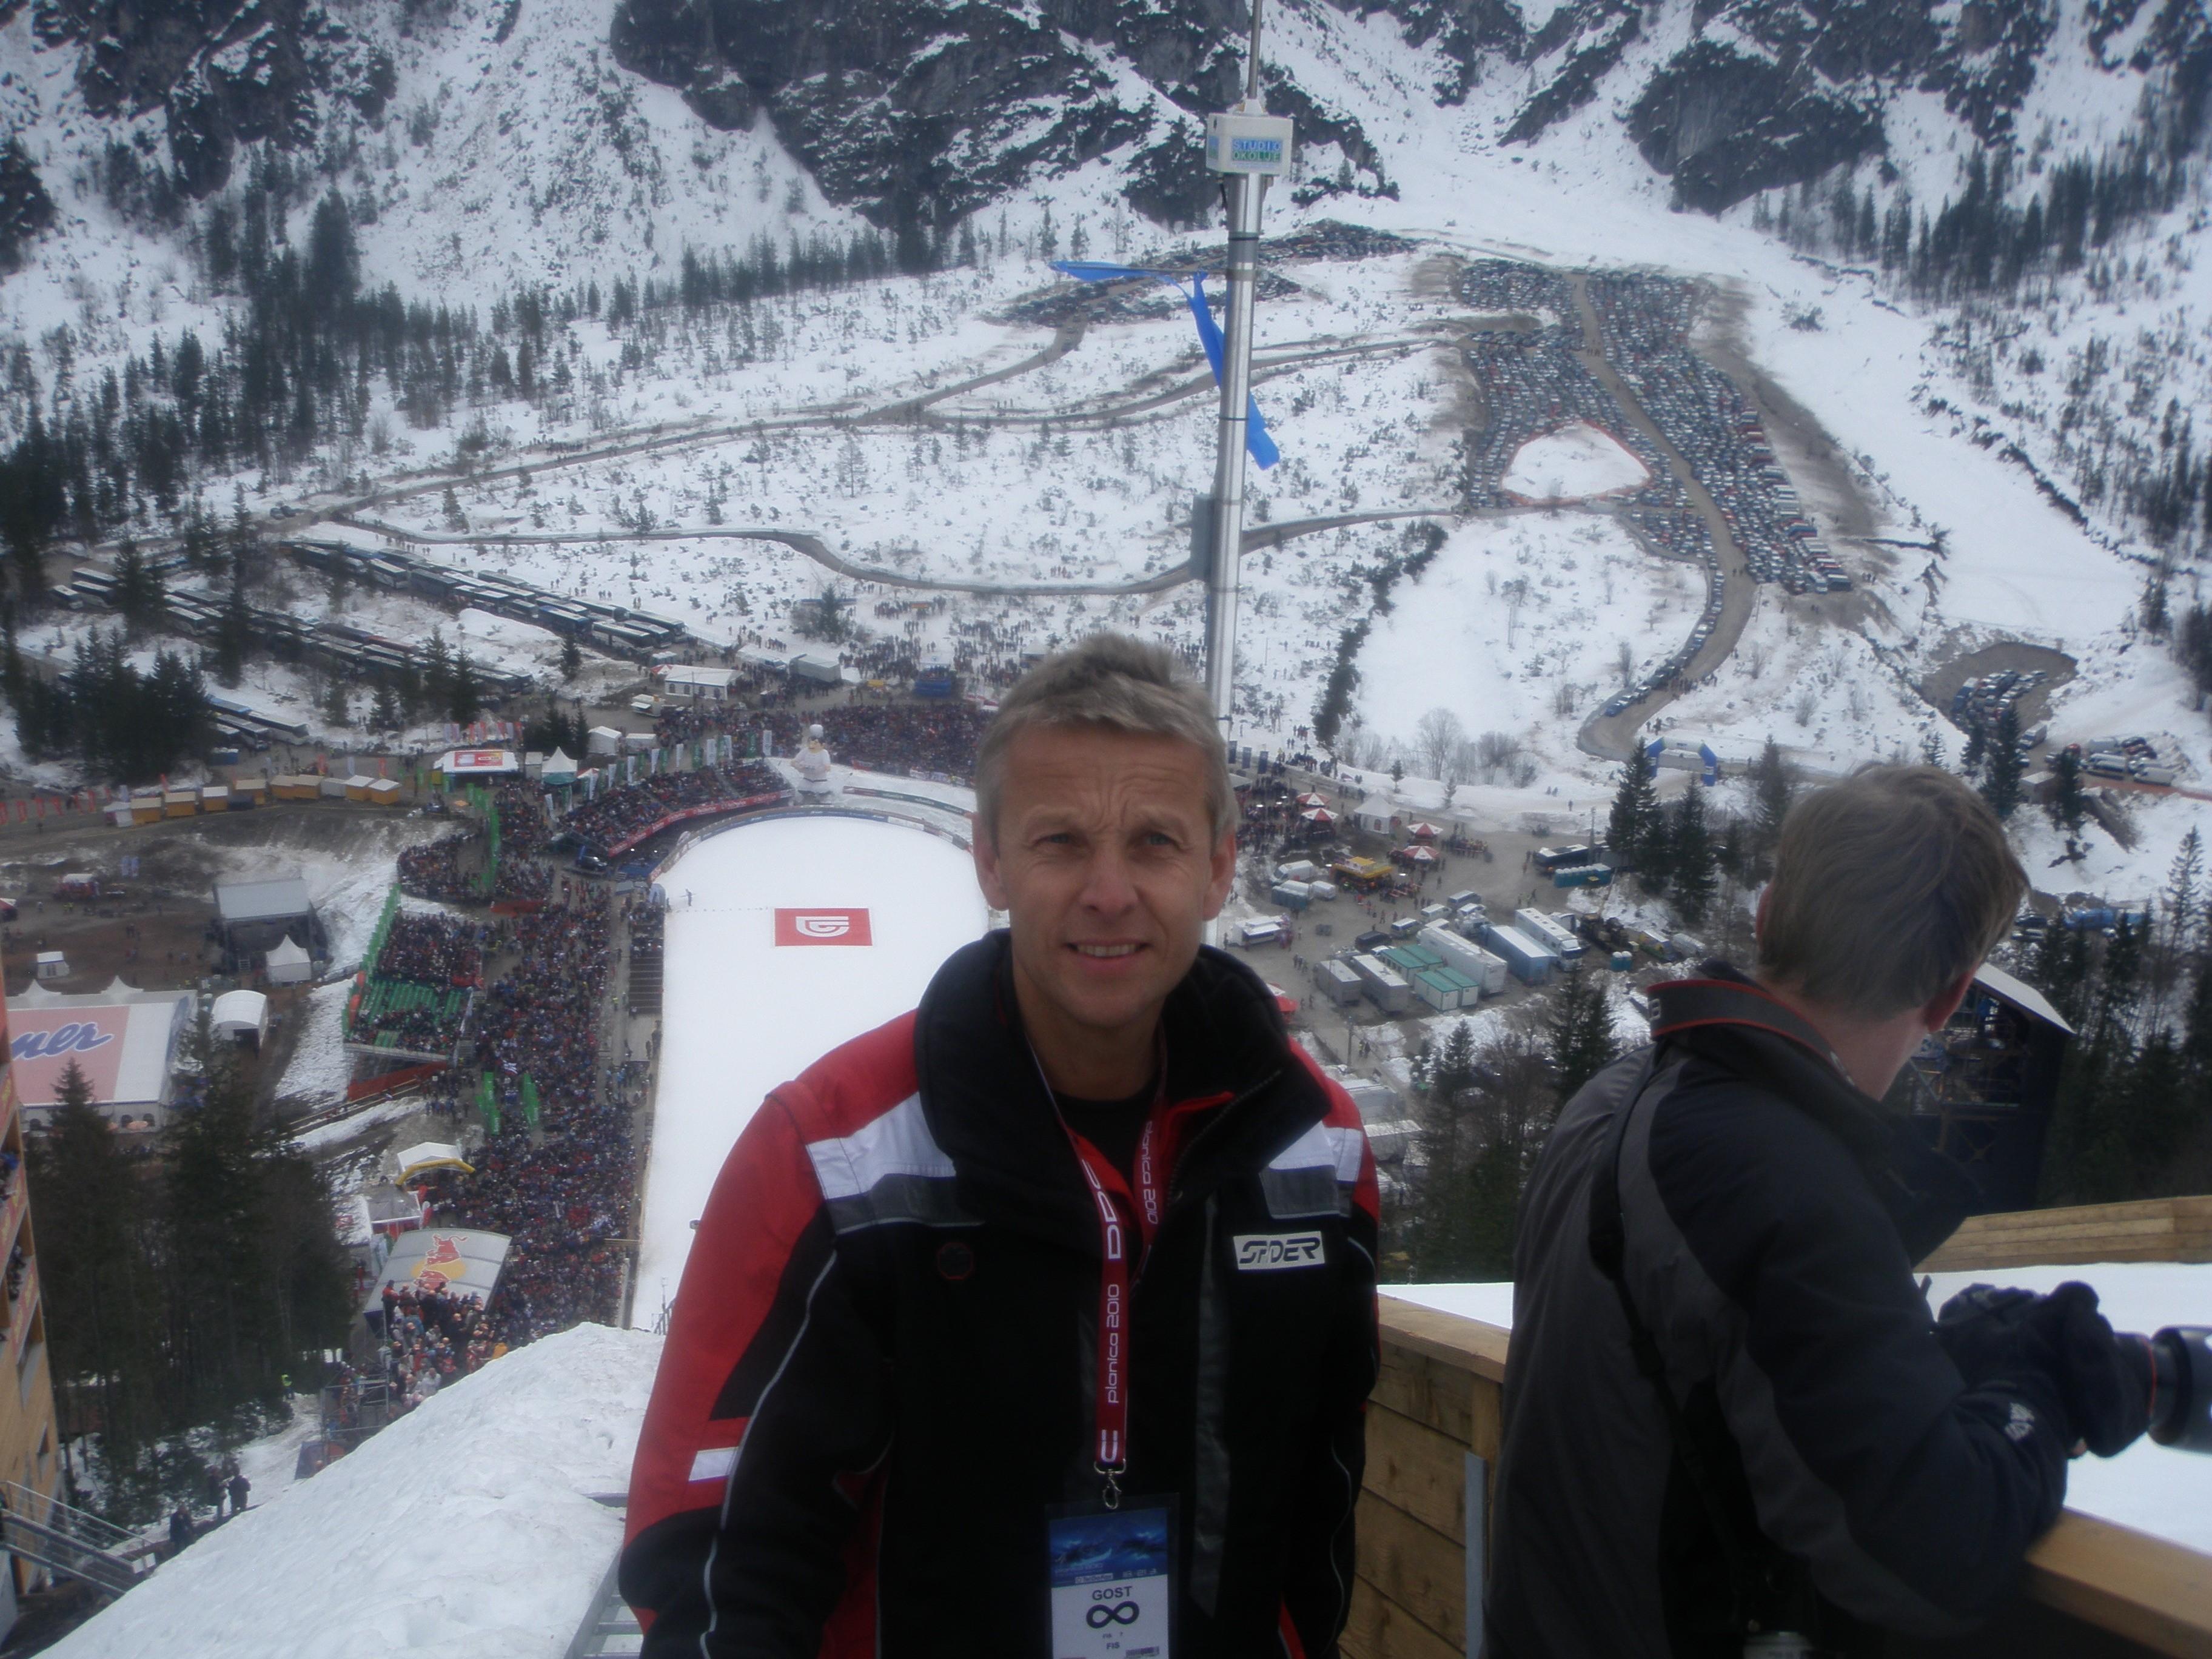 Beeindruckende Kulisse: die Skiflugschanze in Planica (C) Dieter Mörtl